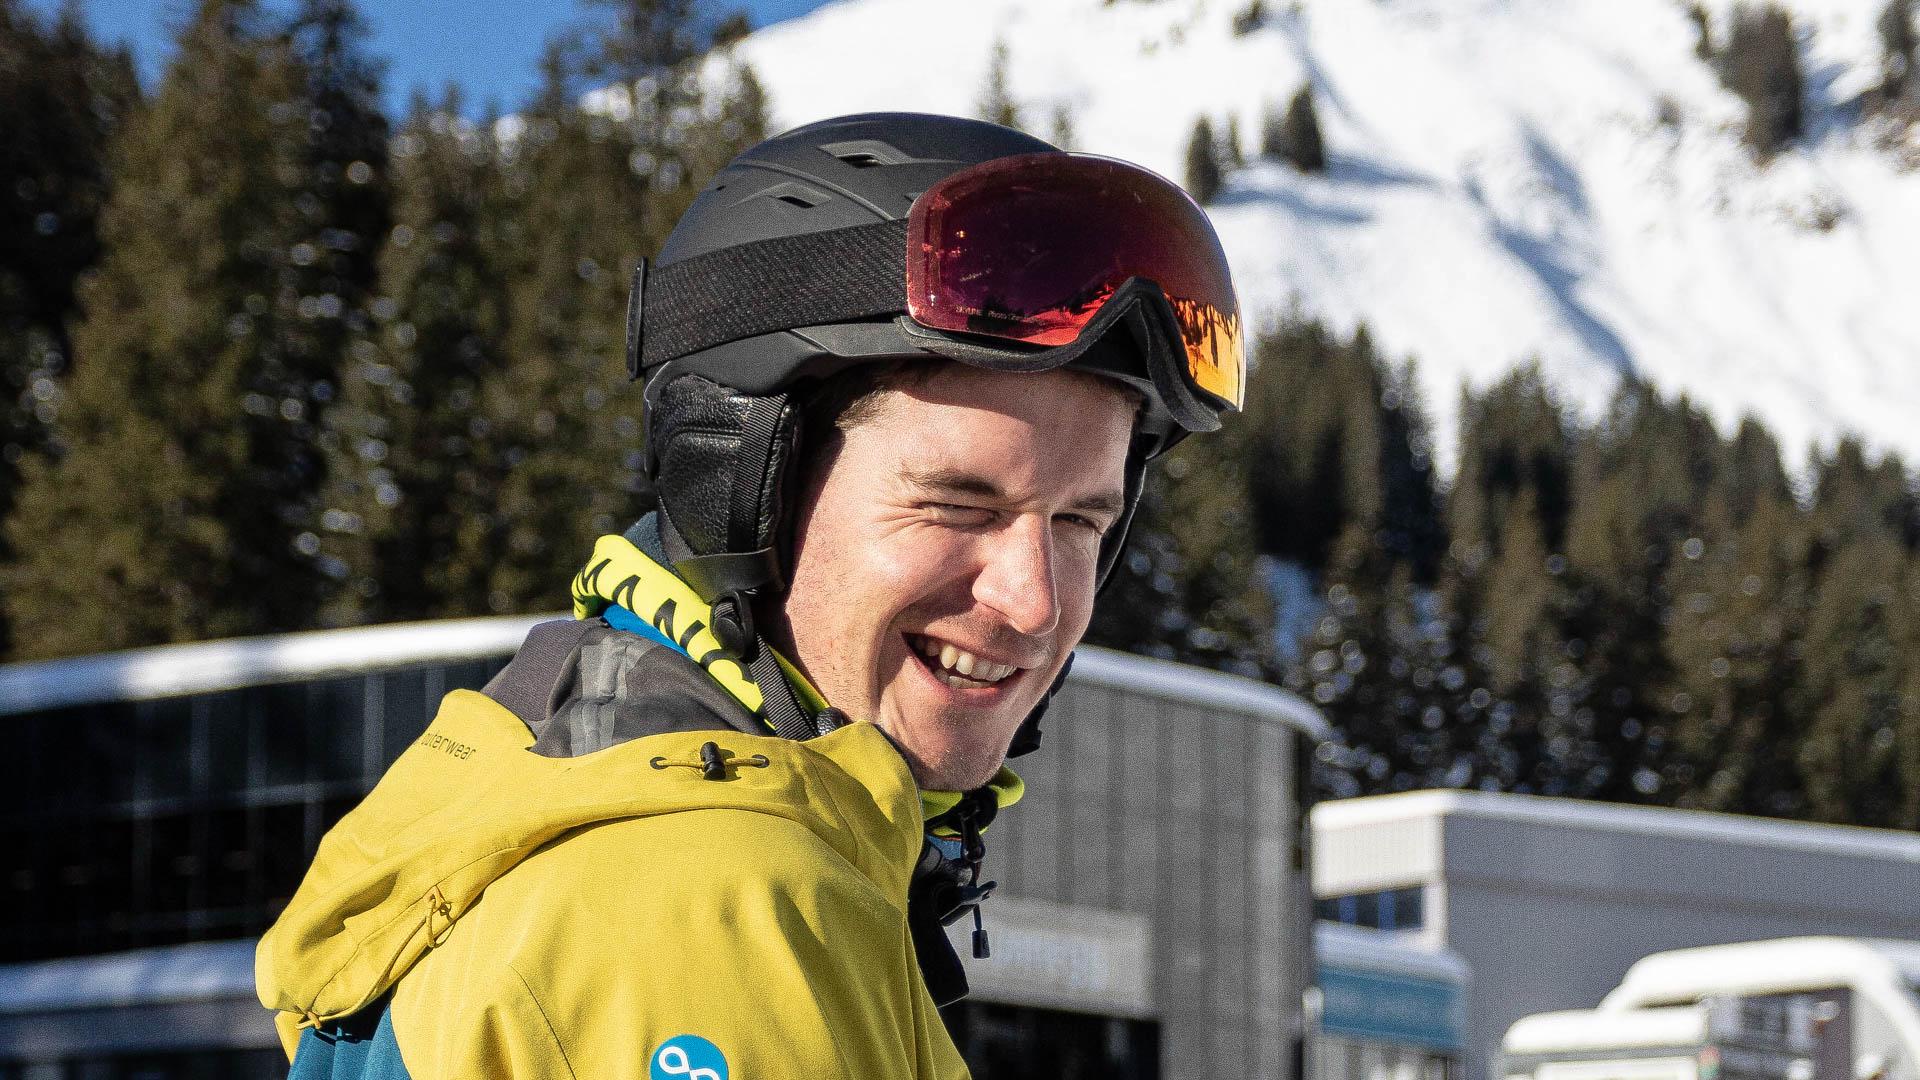 2020-Skifreizeit-Kinder-Jugendliche-Ski-Freizeit-Damüls-Mellau-fun-69-Christopher-Götz-Portrait